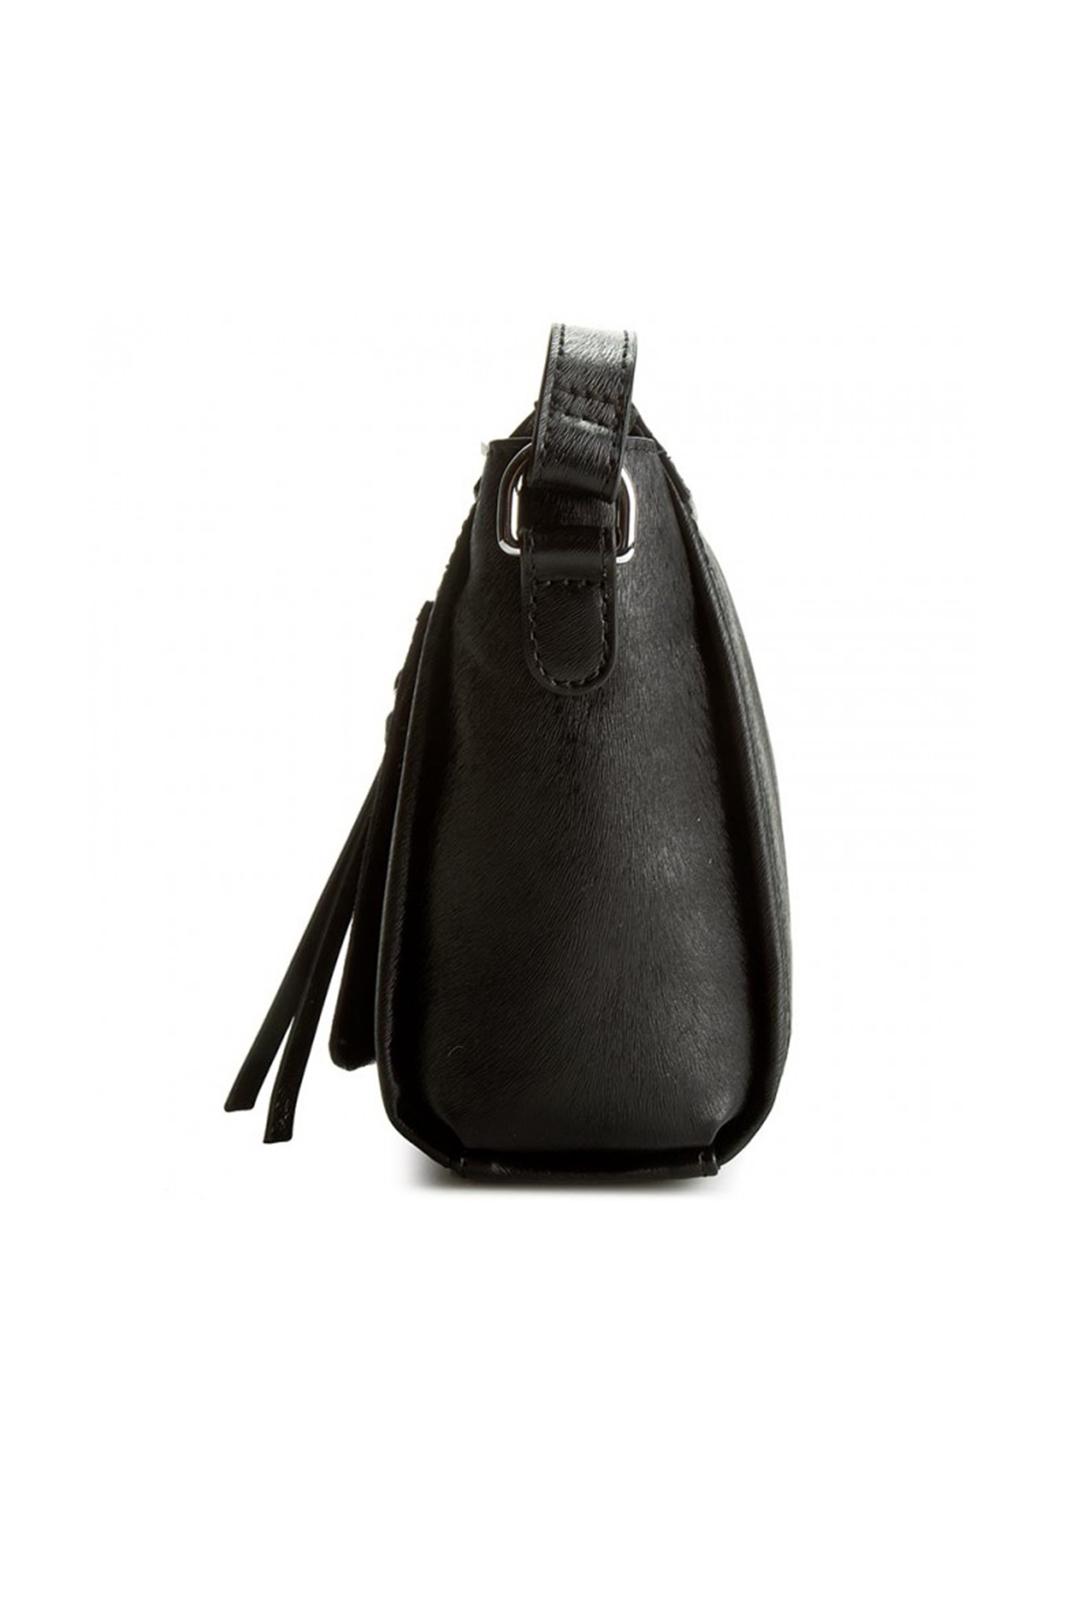 Besaces / Sacs bandoulière  Armani jeans 922104 6A728 020 BLACK